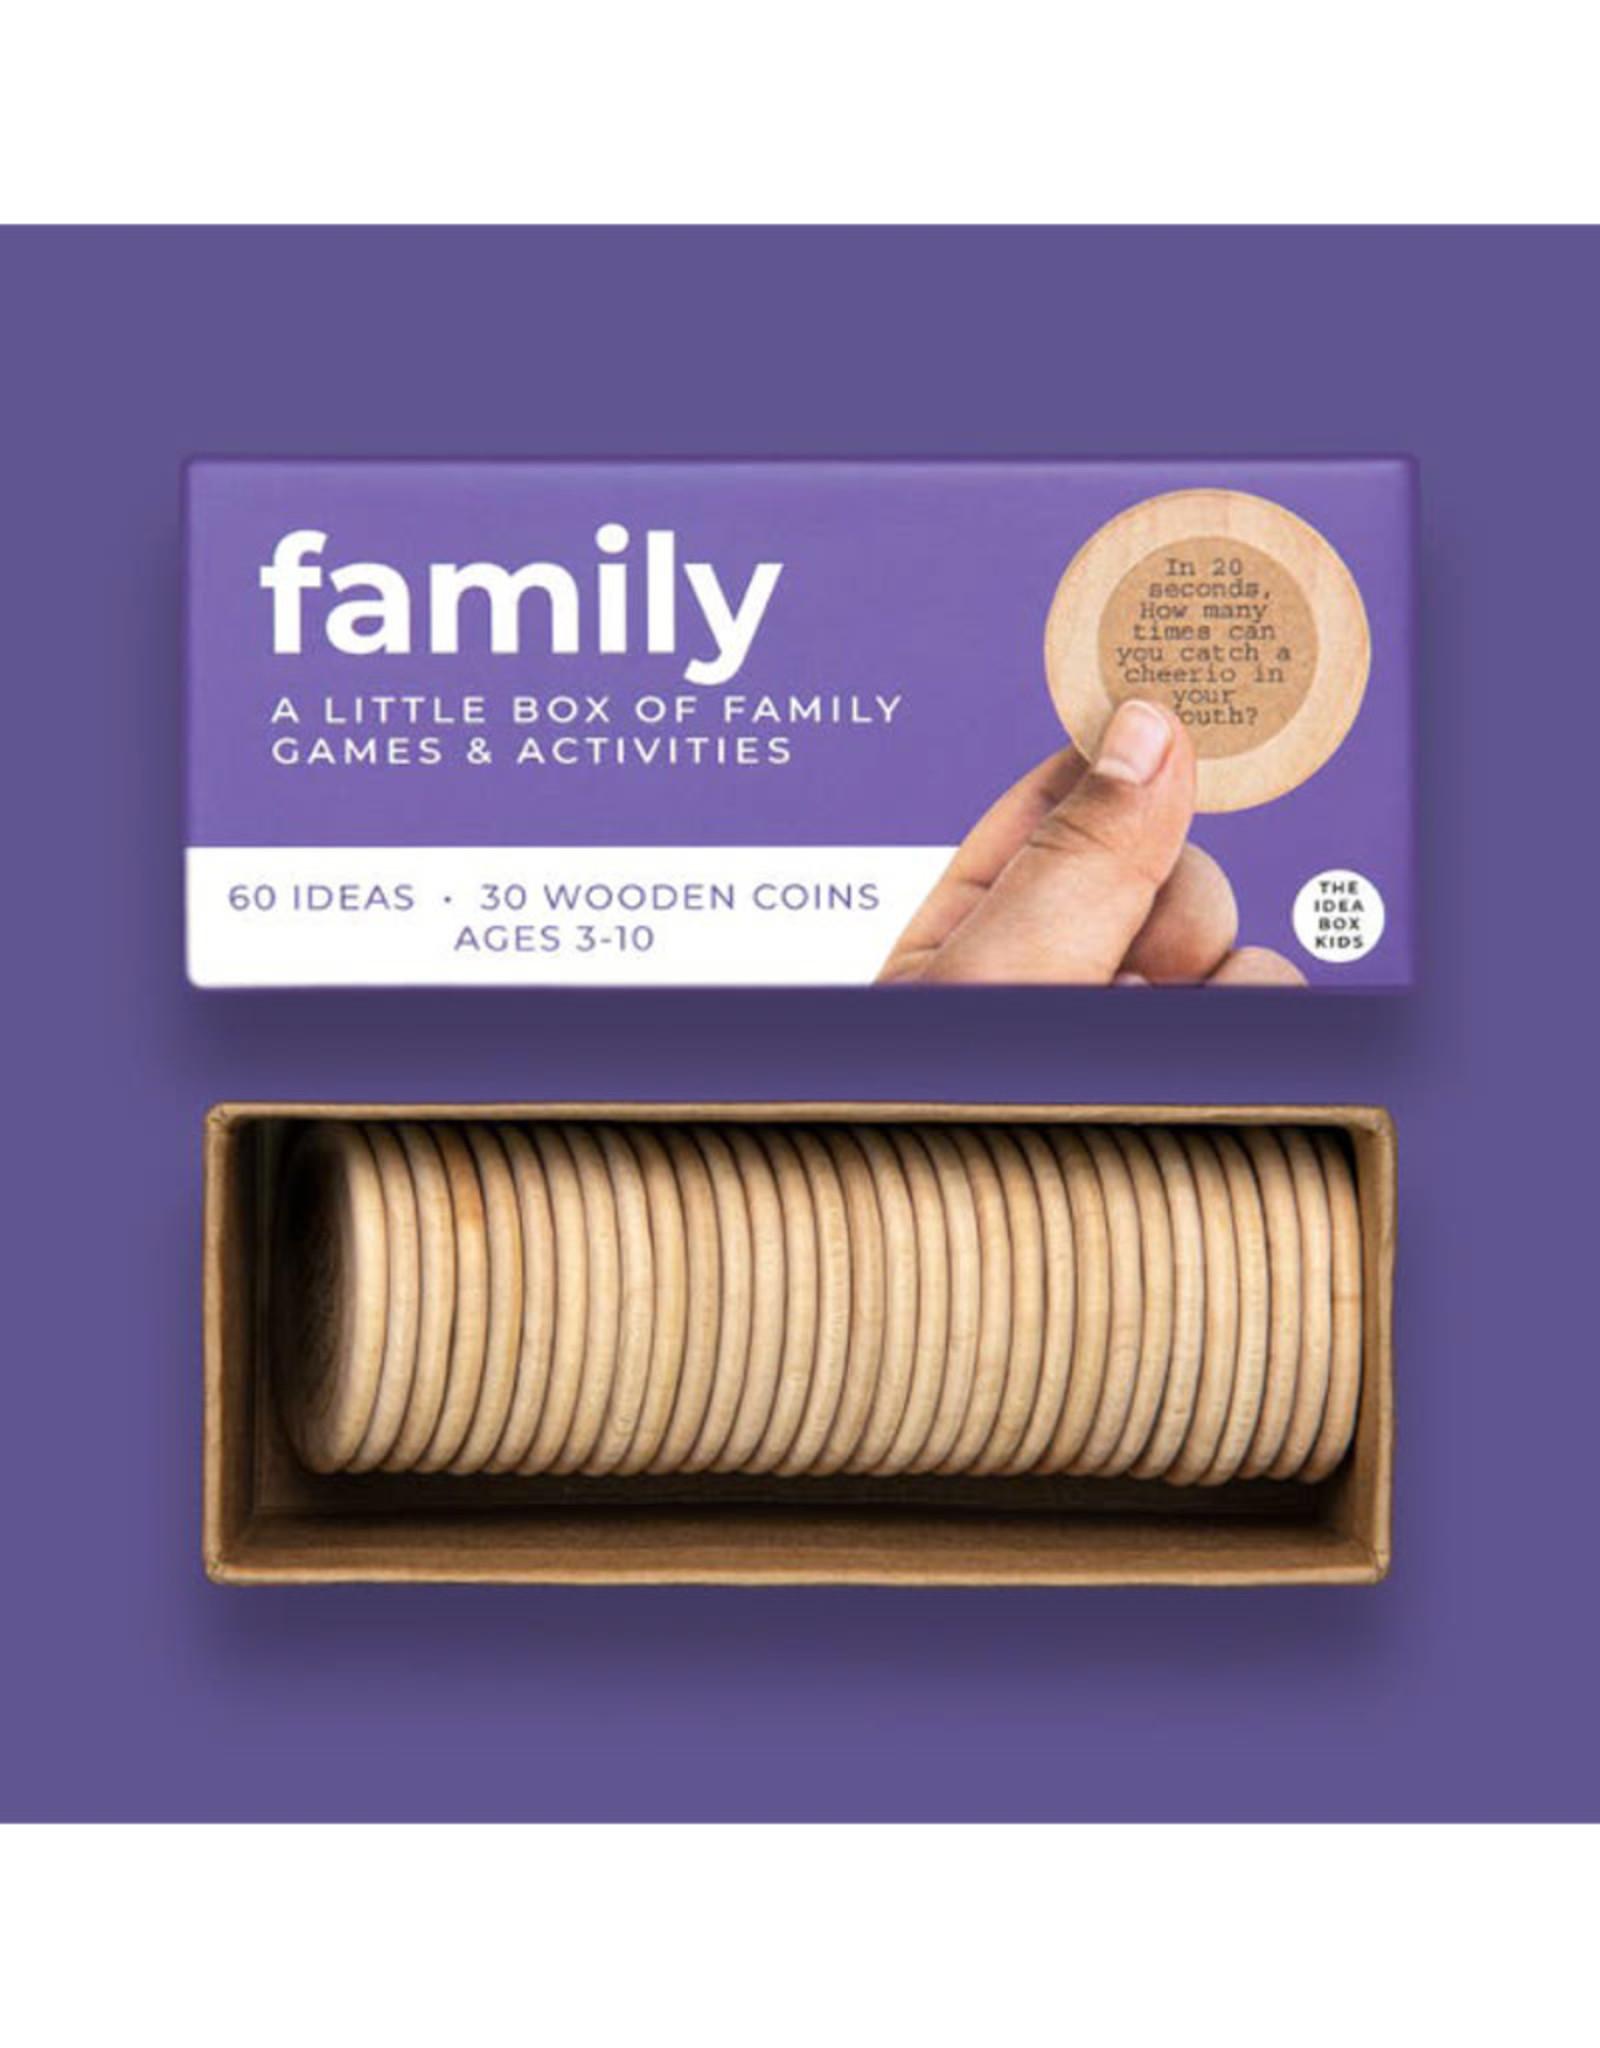 The Idea Box Family